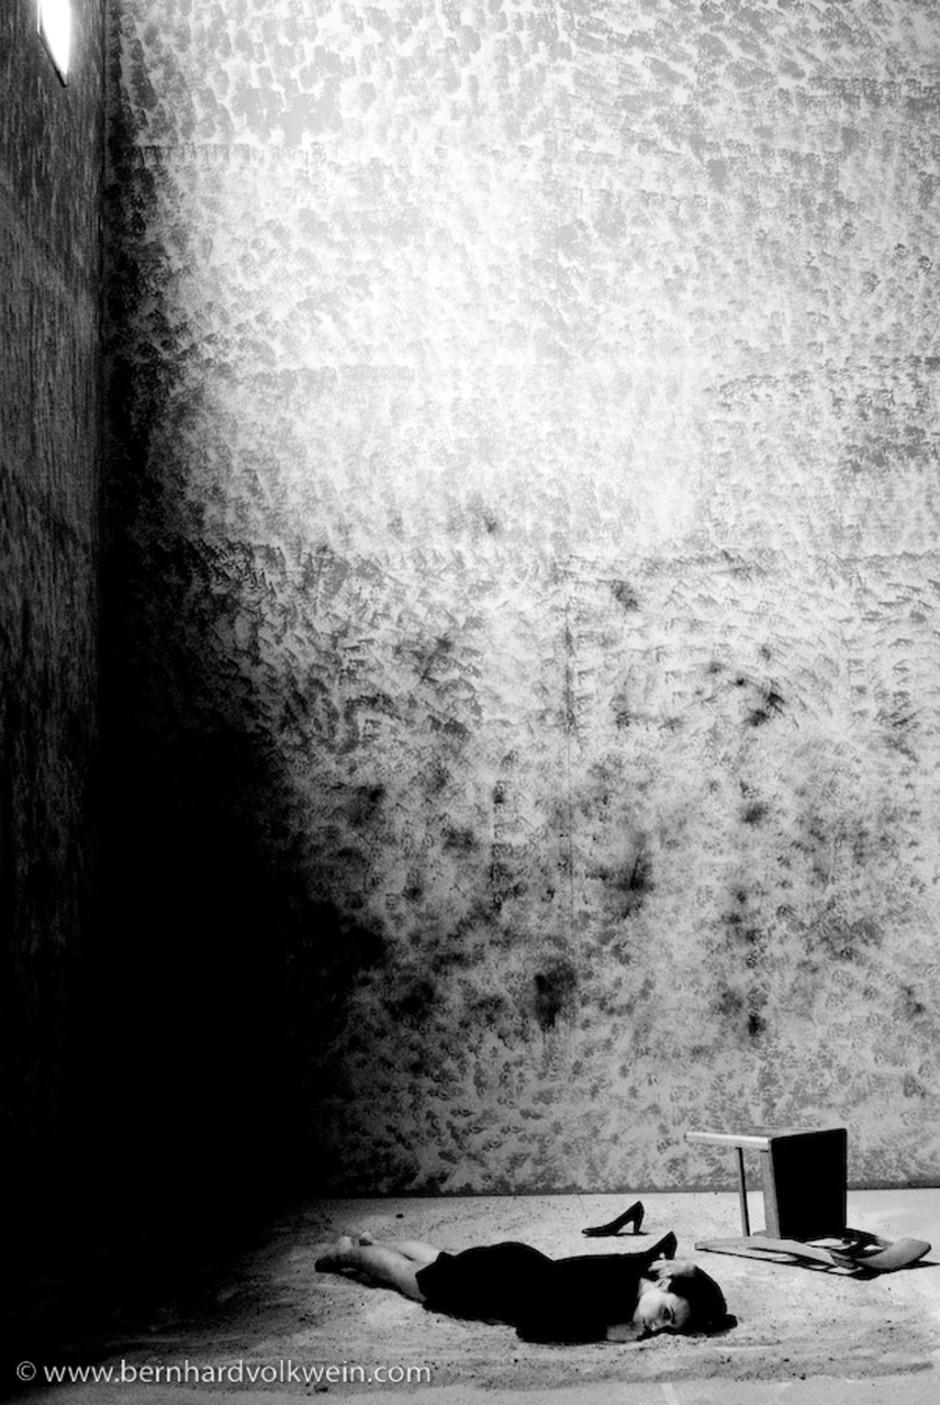 arijana-dignity-of-soul-bernhard-volkwein-2009-11